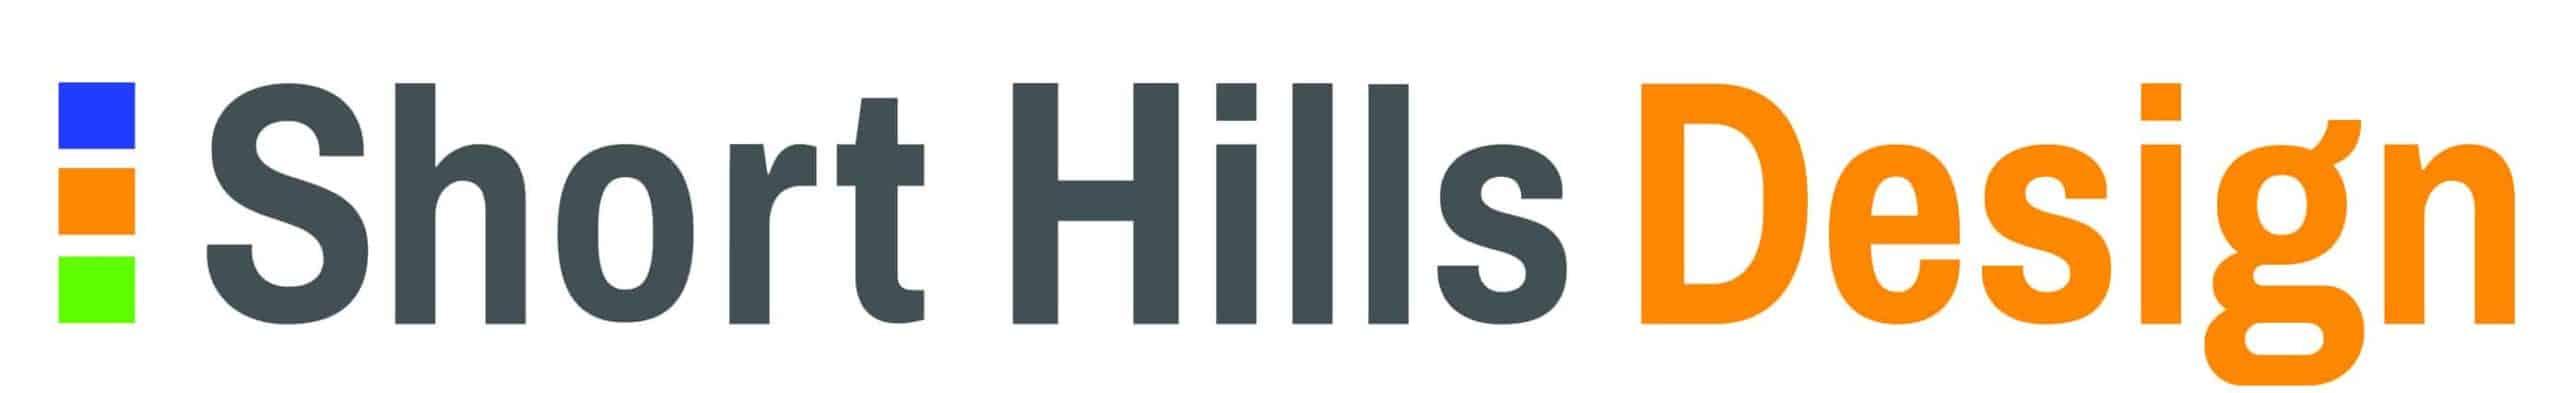 Short Hills Design, LLC